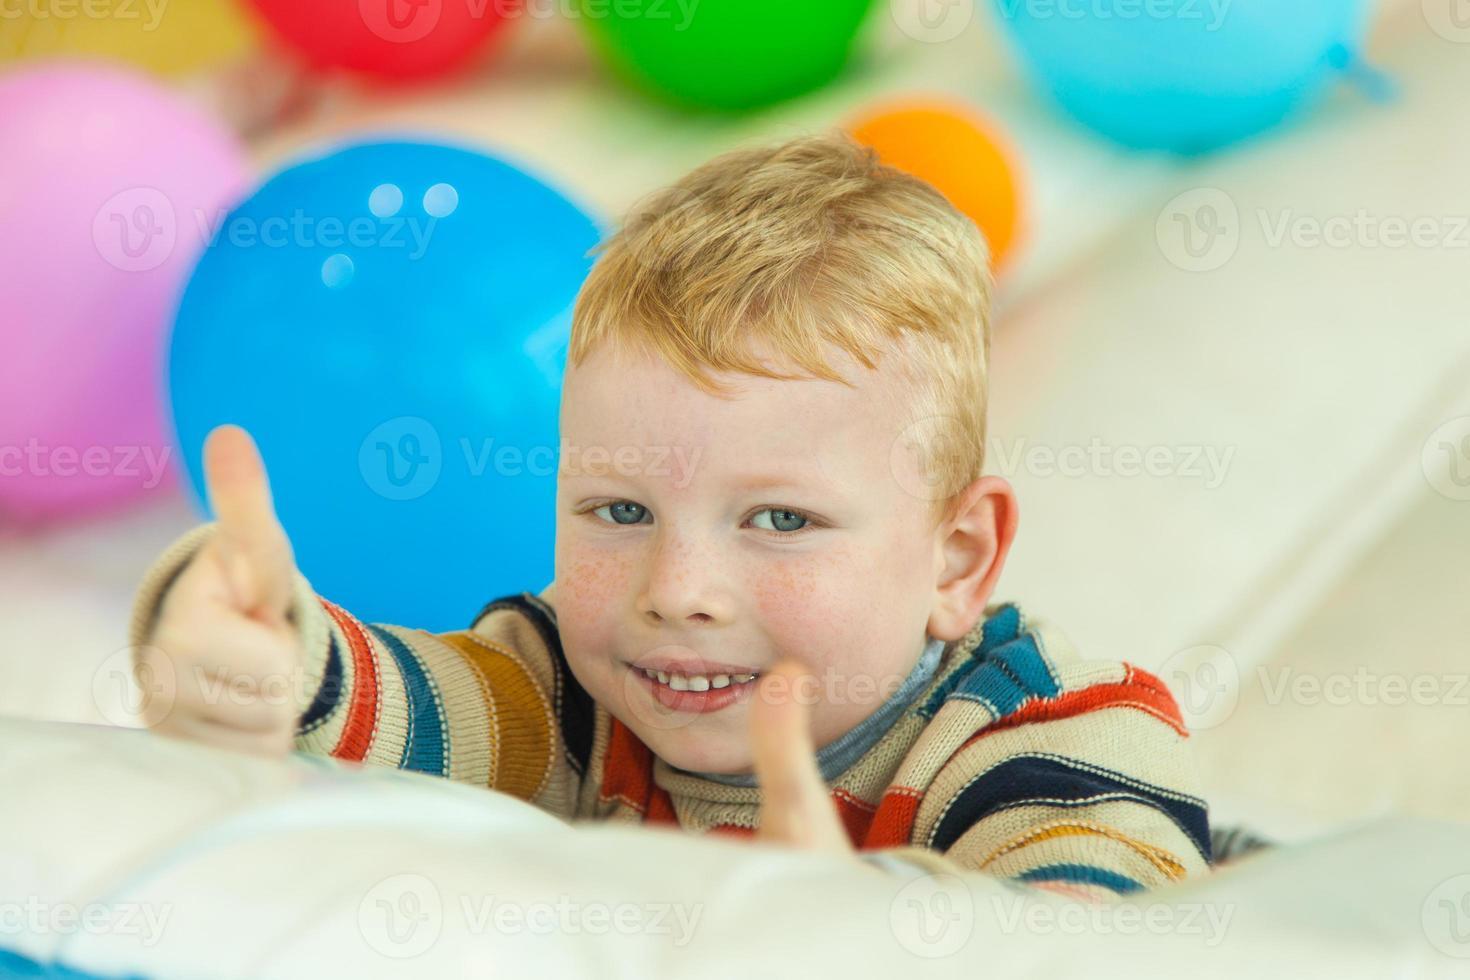 kleiner Junge, der auf dem Boden liegt, umgeben von bunten Luftballons foto